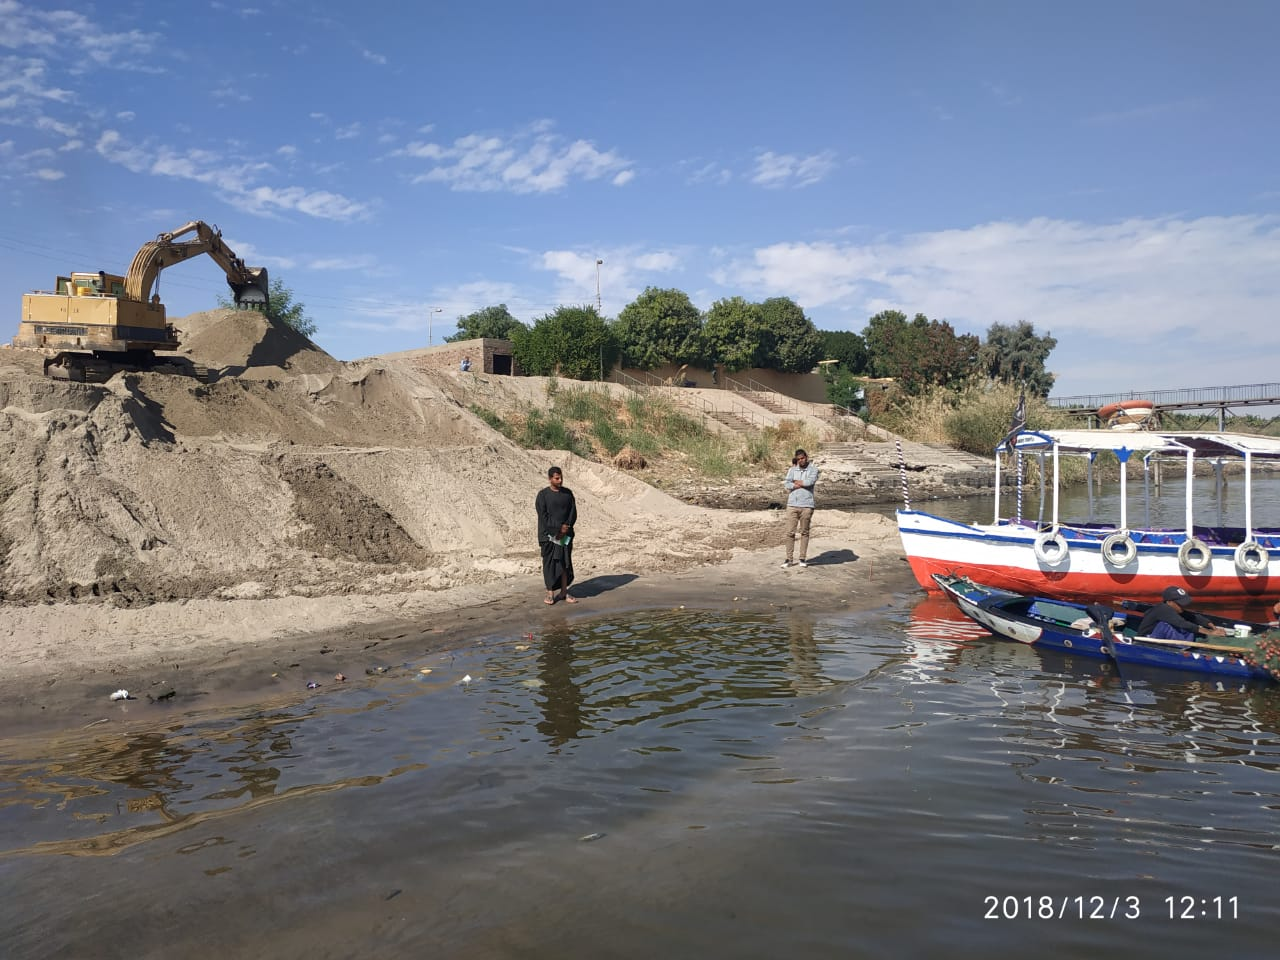 رئيس قطاع الخزانات يتابع منظومة قناطر النيل إستعدادا لـ